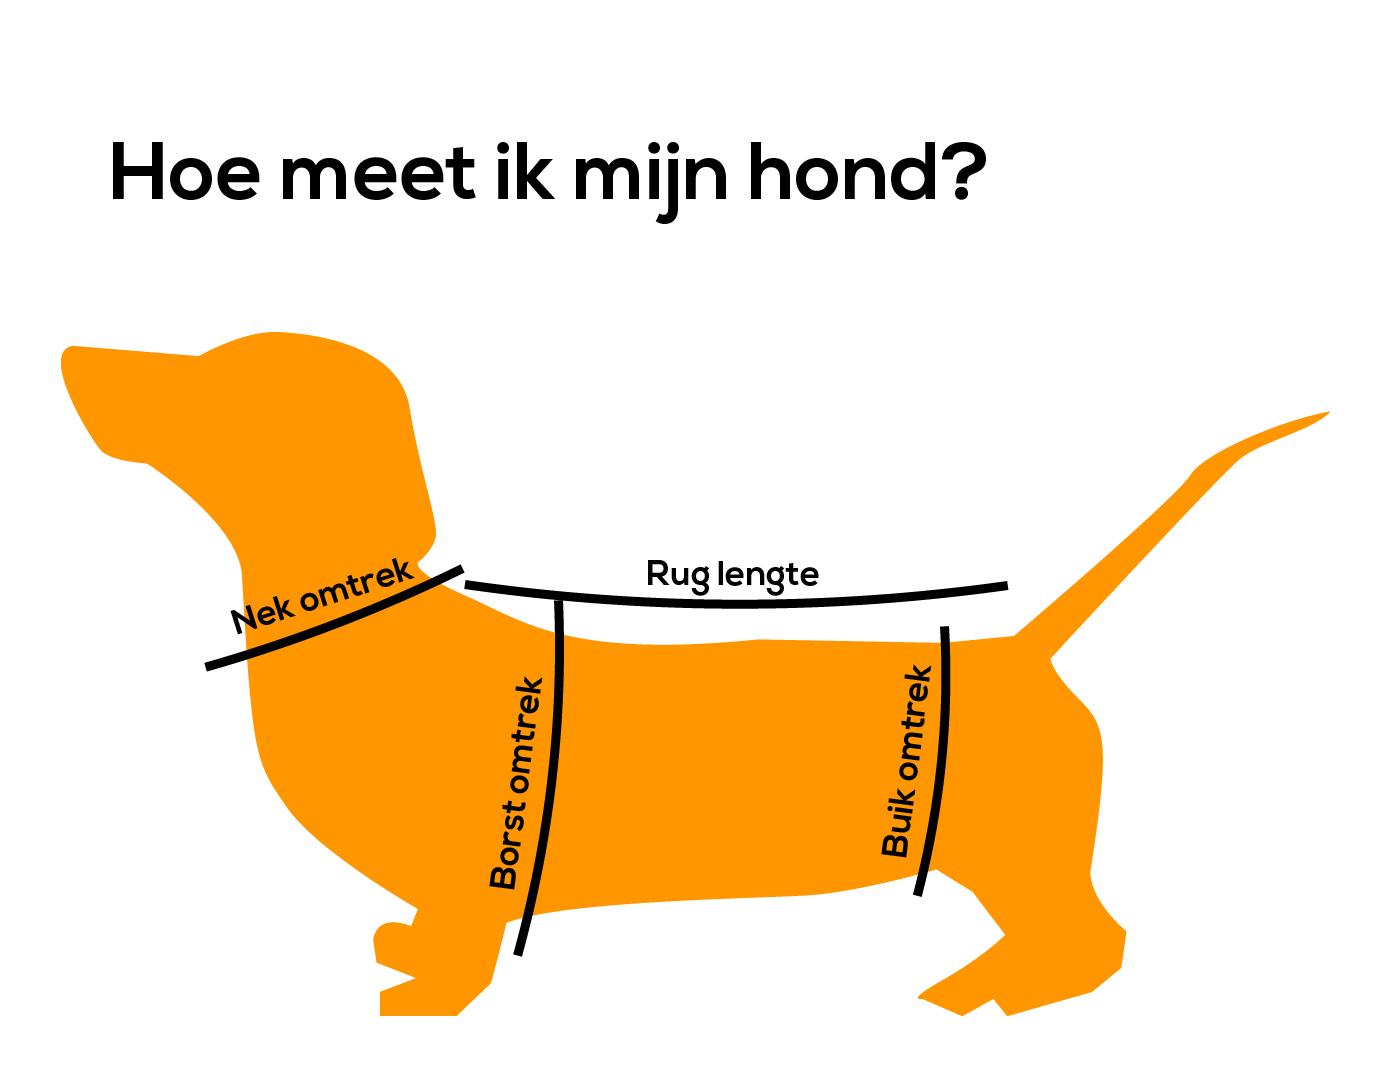 Hoe meet ik mijn hond?